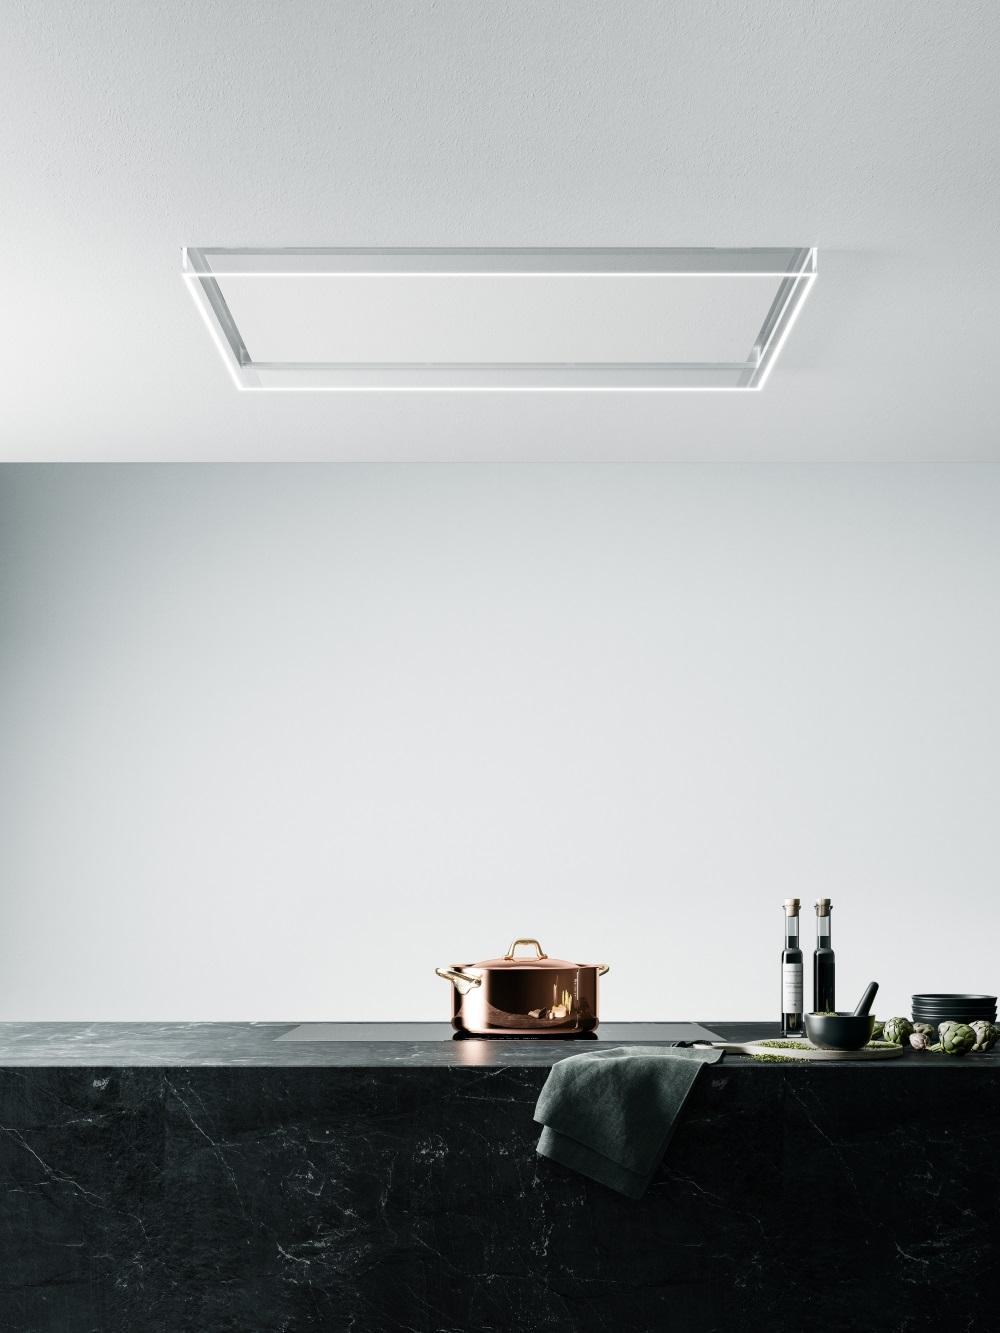 Alba garų surinkimo sistema virtuvėje